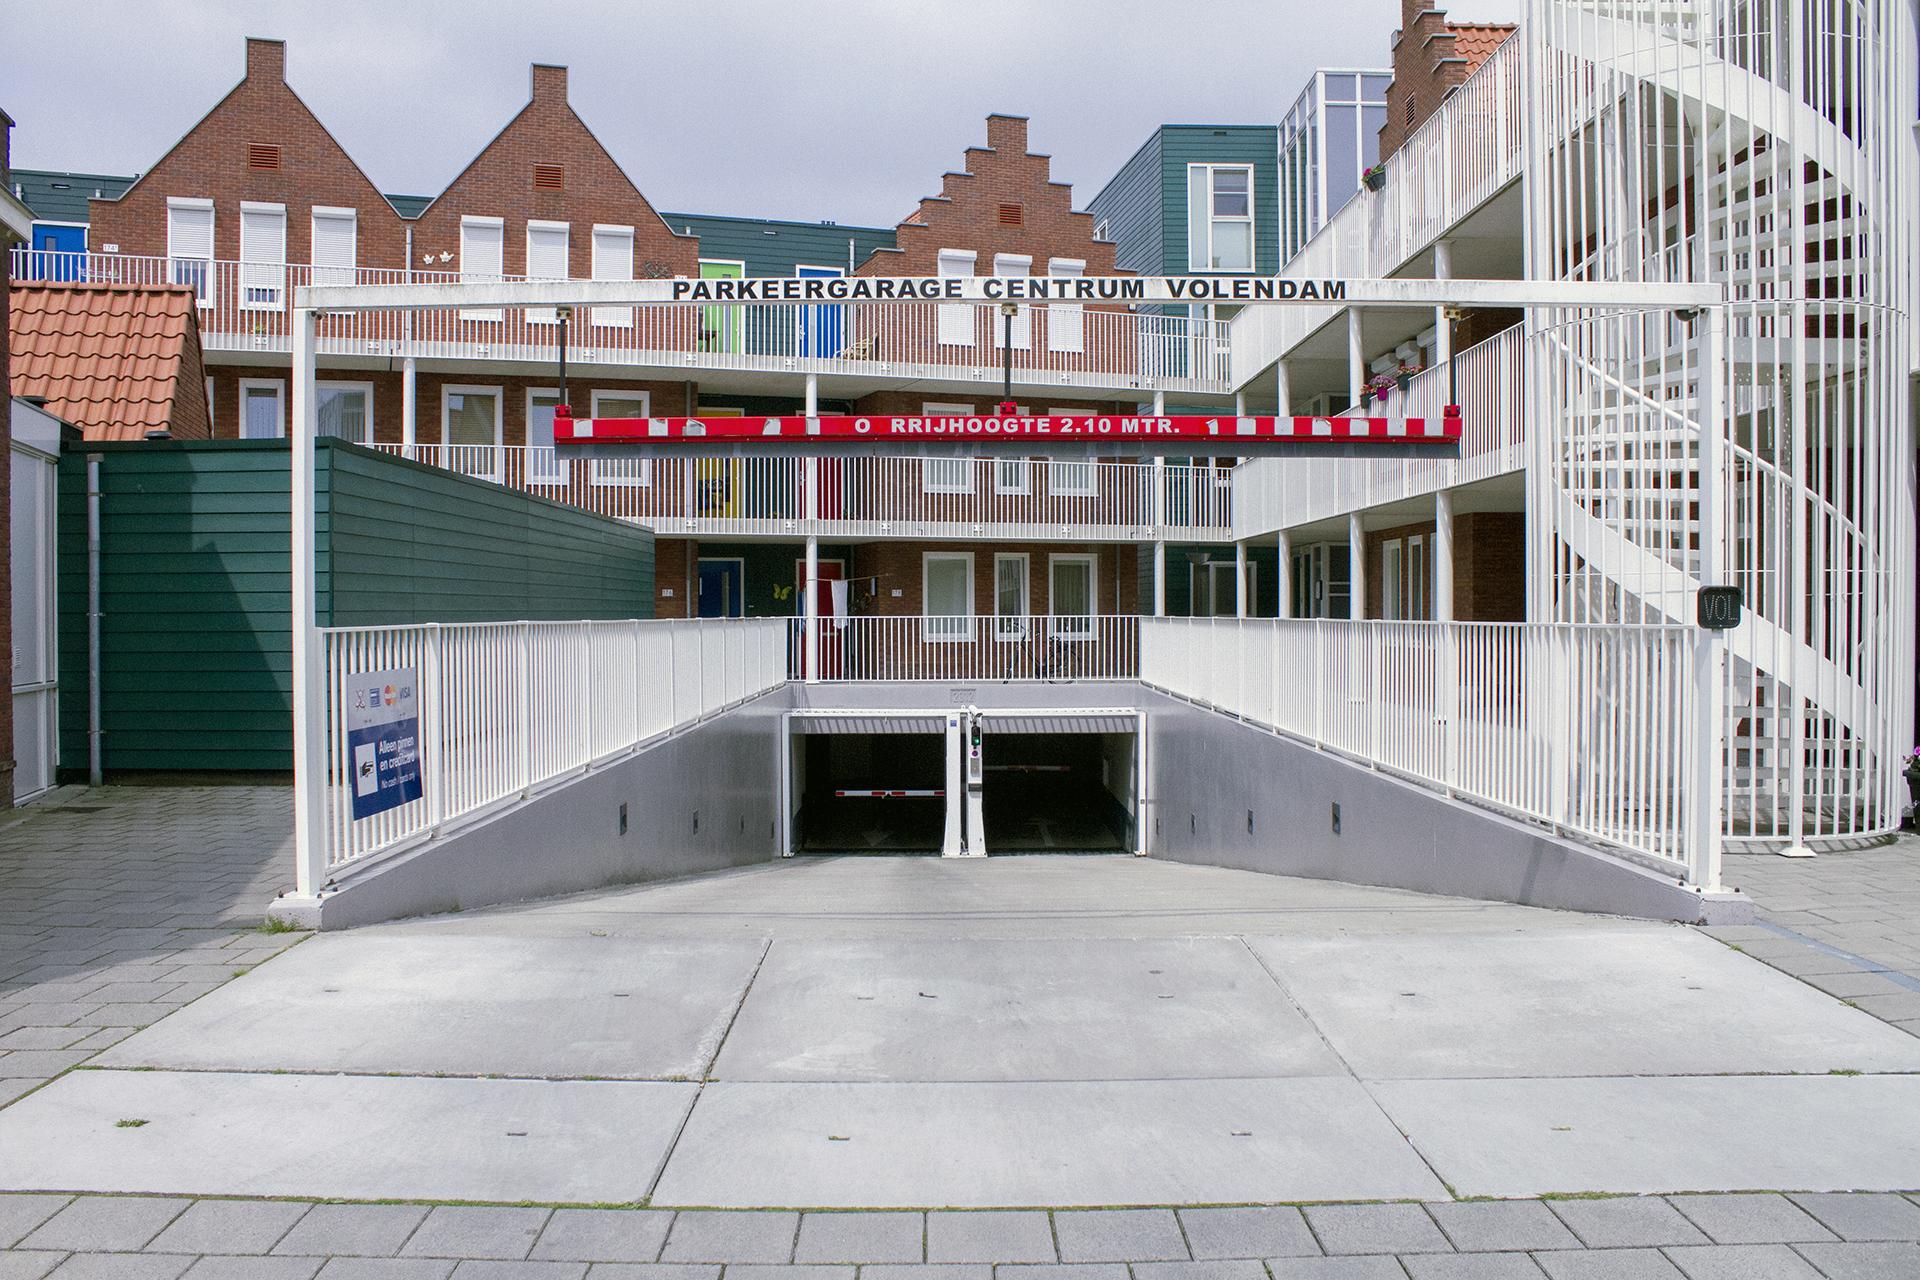 Volendam-Centrum-garage